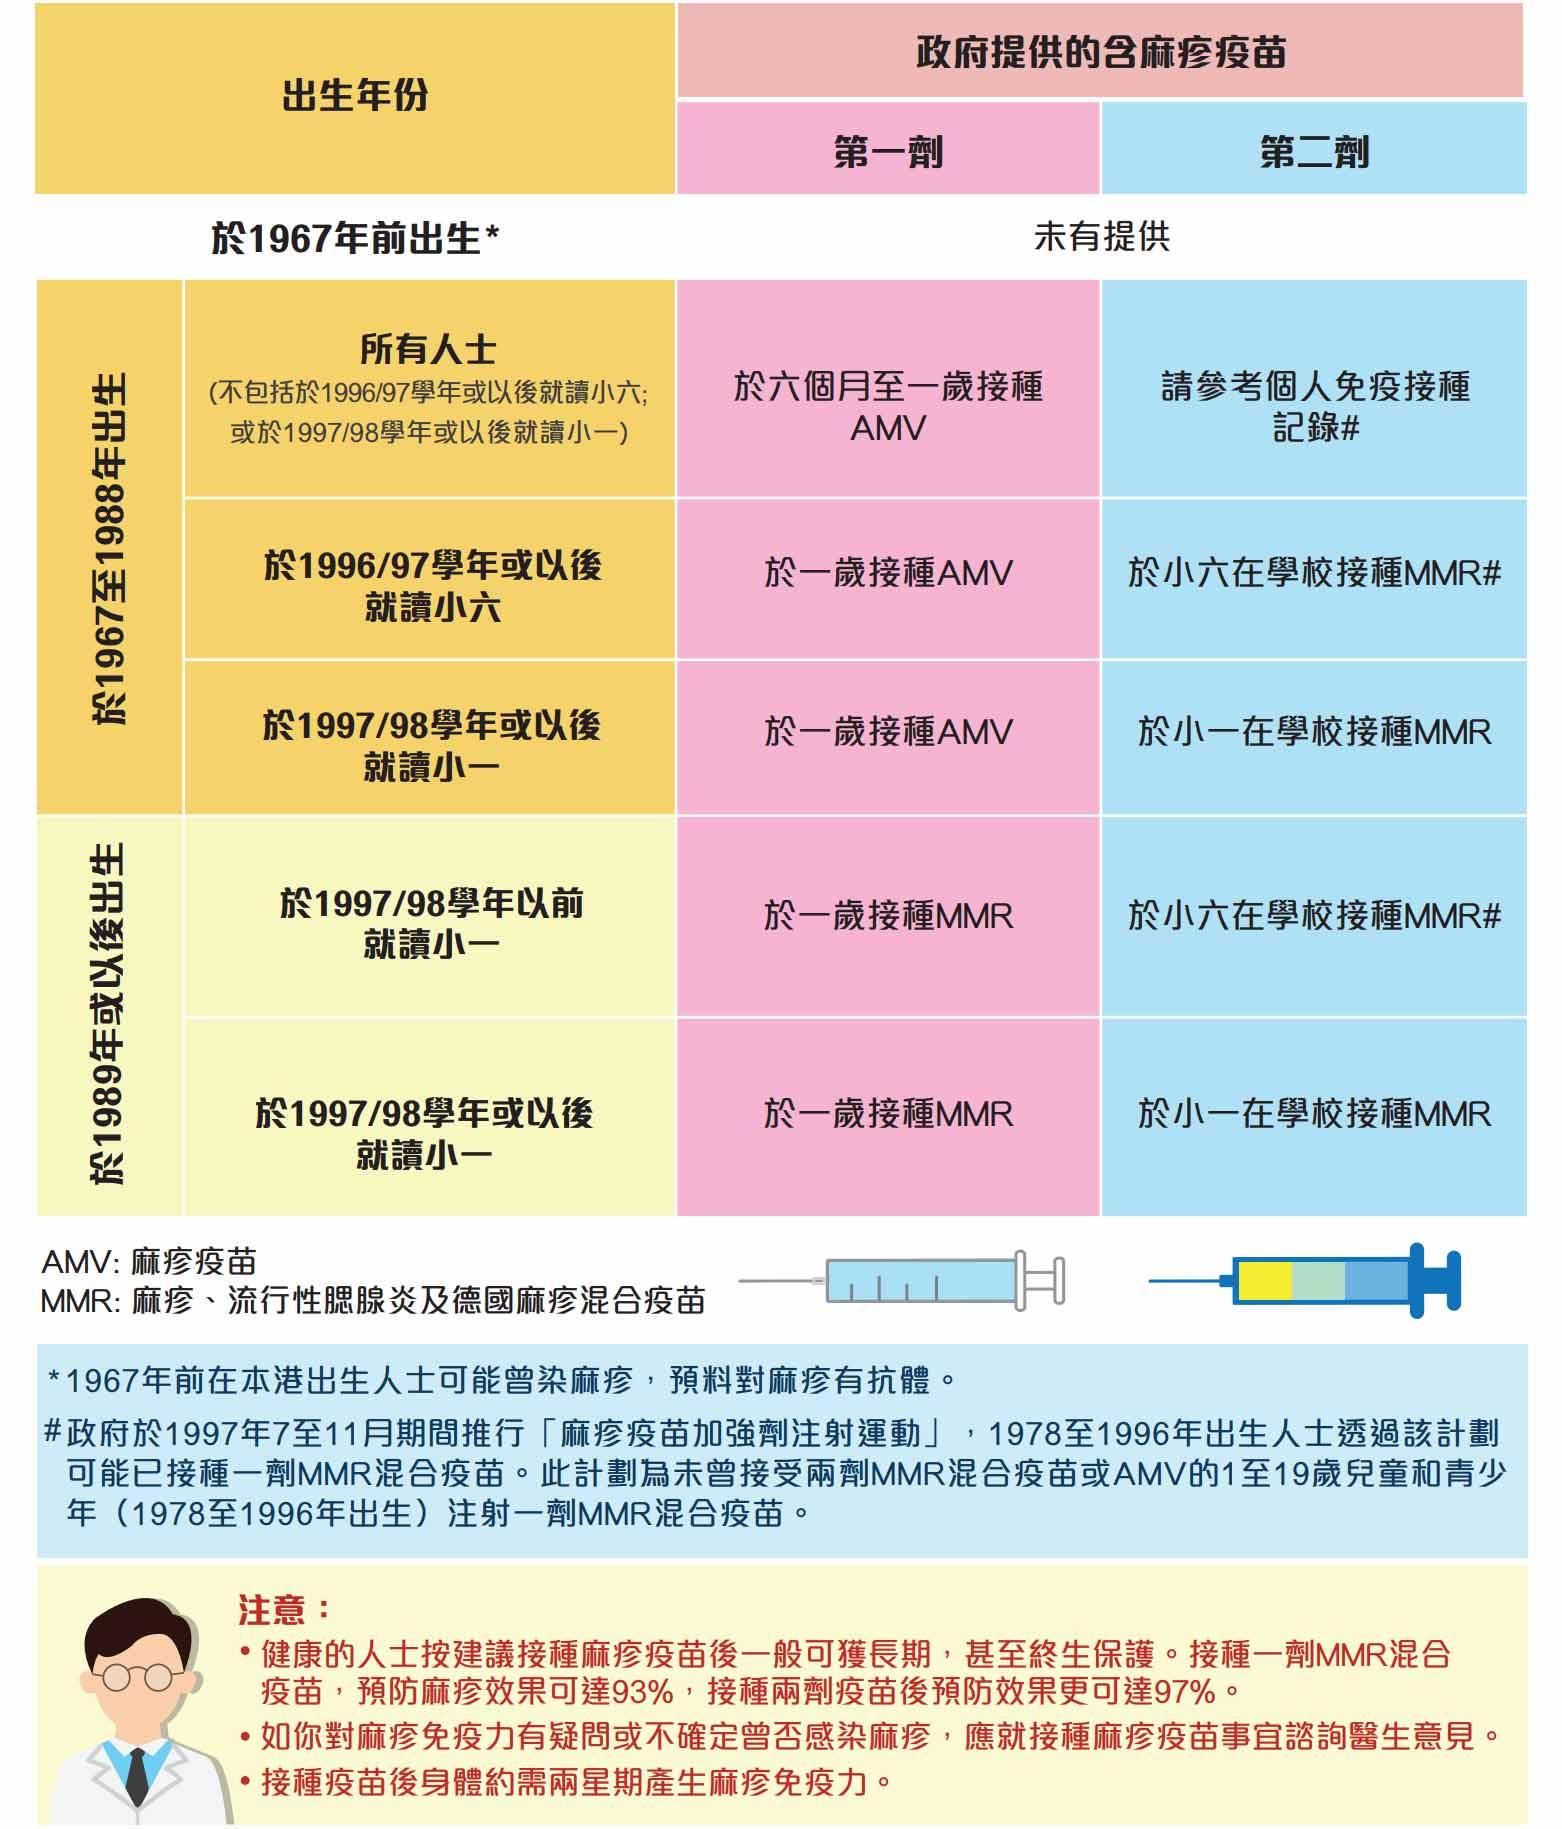 【麻疹爆發】兩「注」防麻疹:注射疫苗 注意衛生   Now 新聞